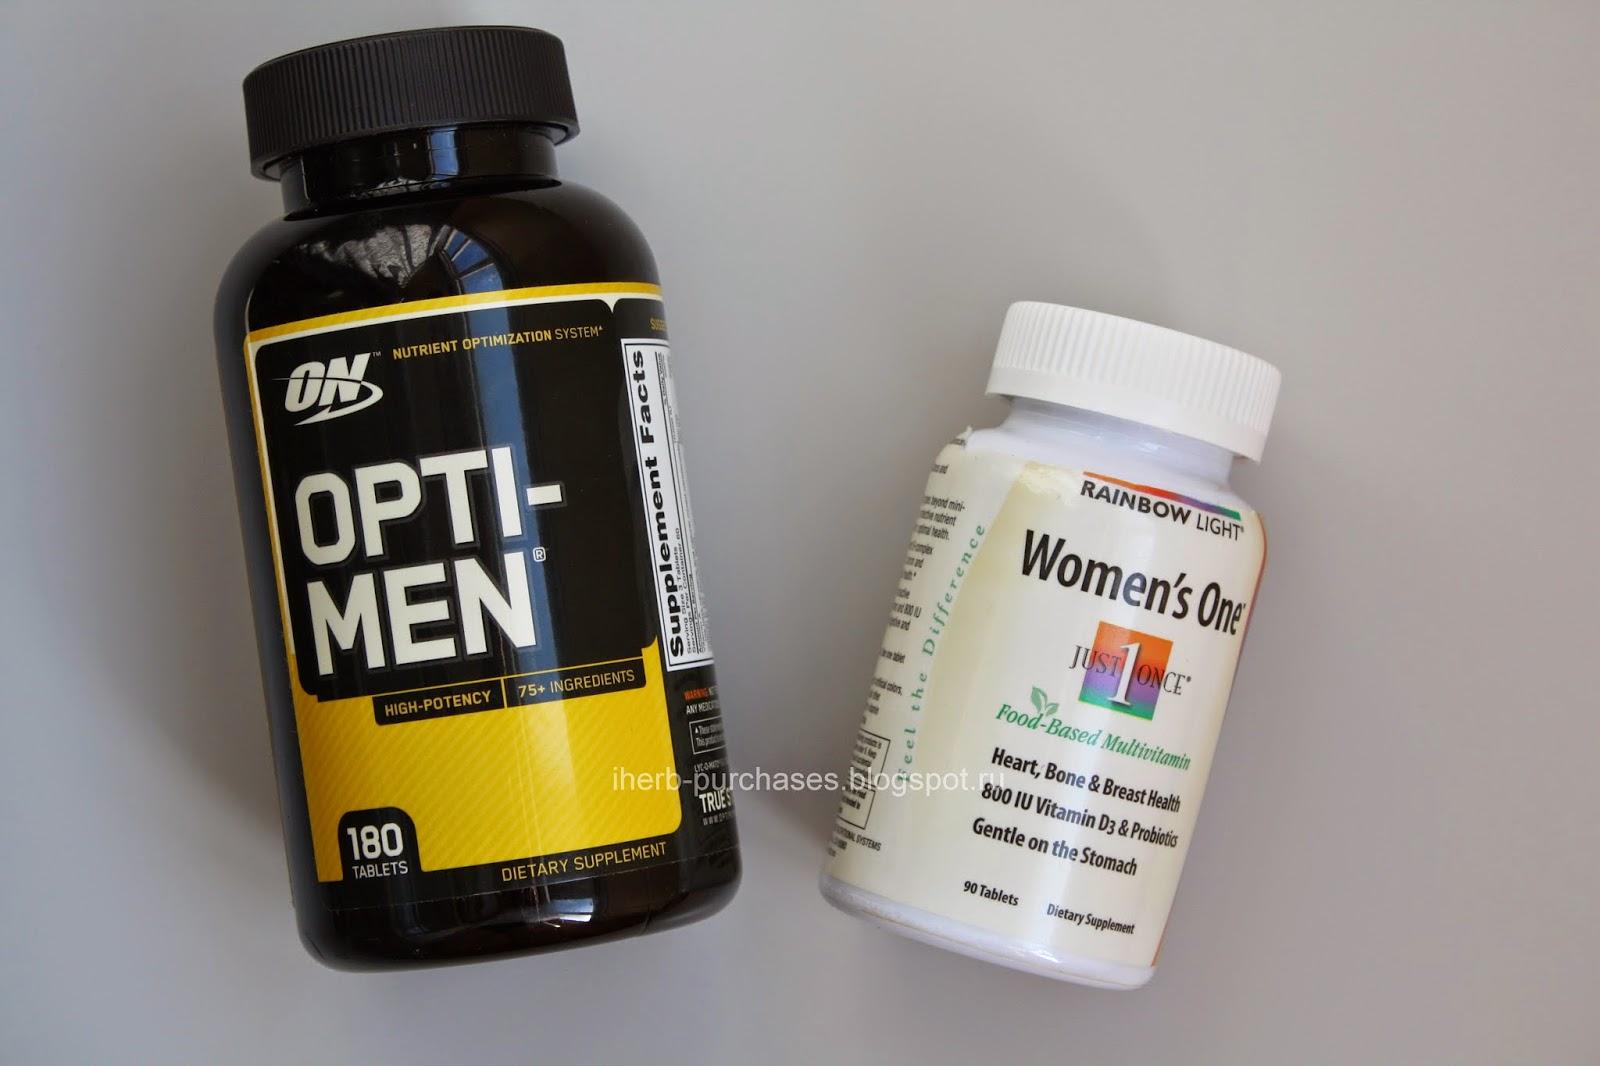 витамины для женщин, витамины для мужчин, спортивное питание, отзыв, iherb